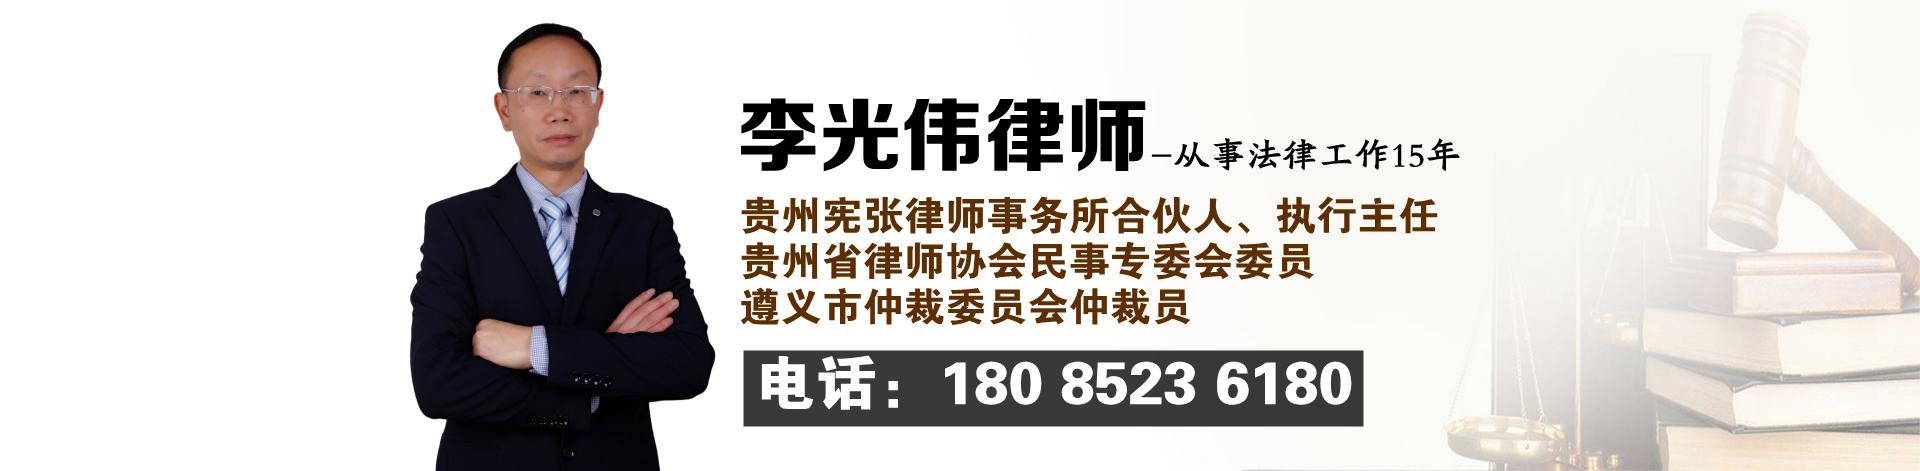 贵阳律师李光伟律师:为实现当事人的合法权益努力工作